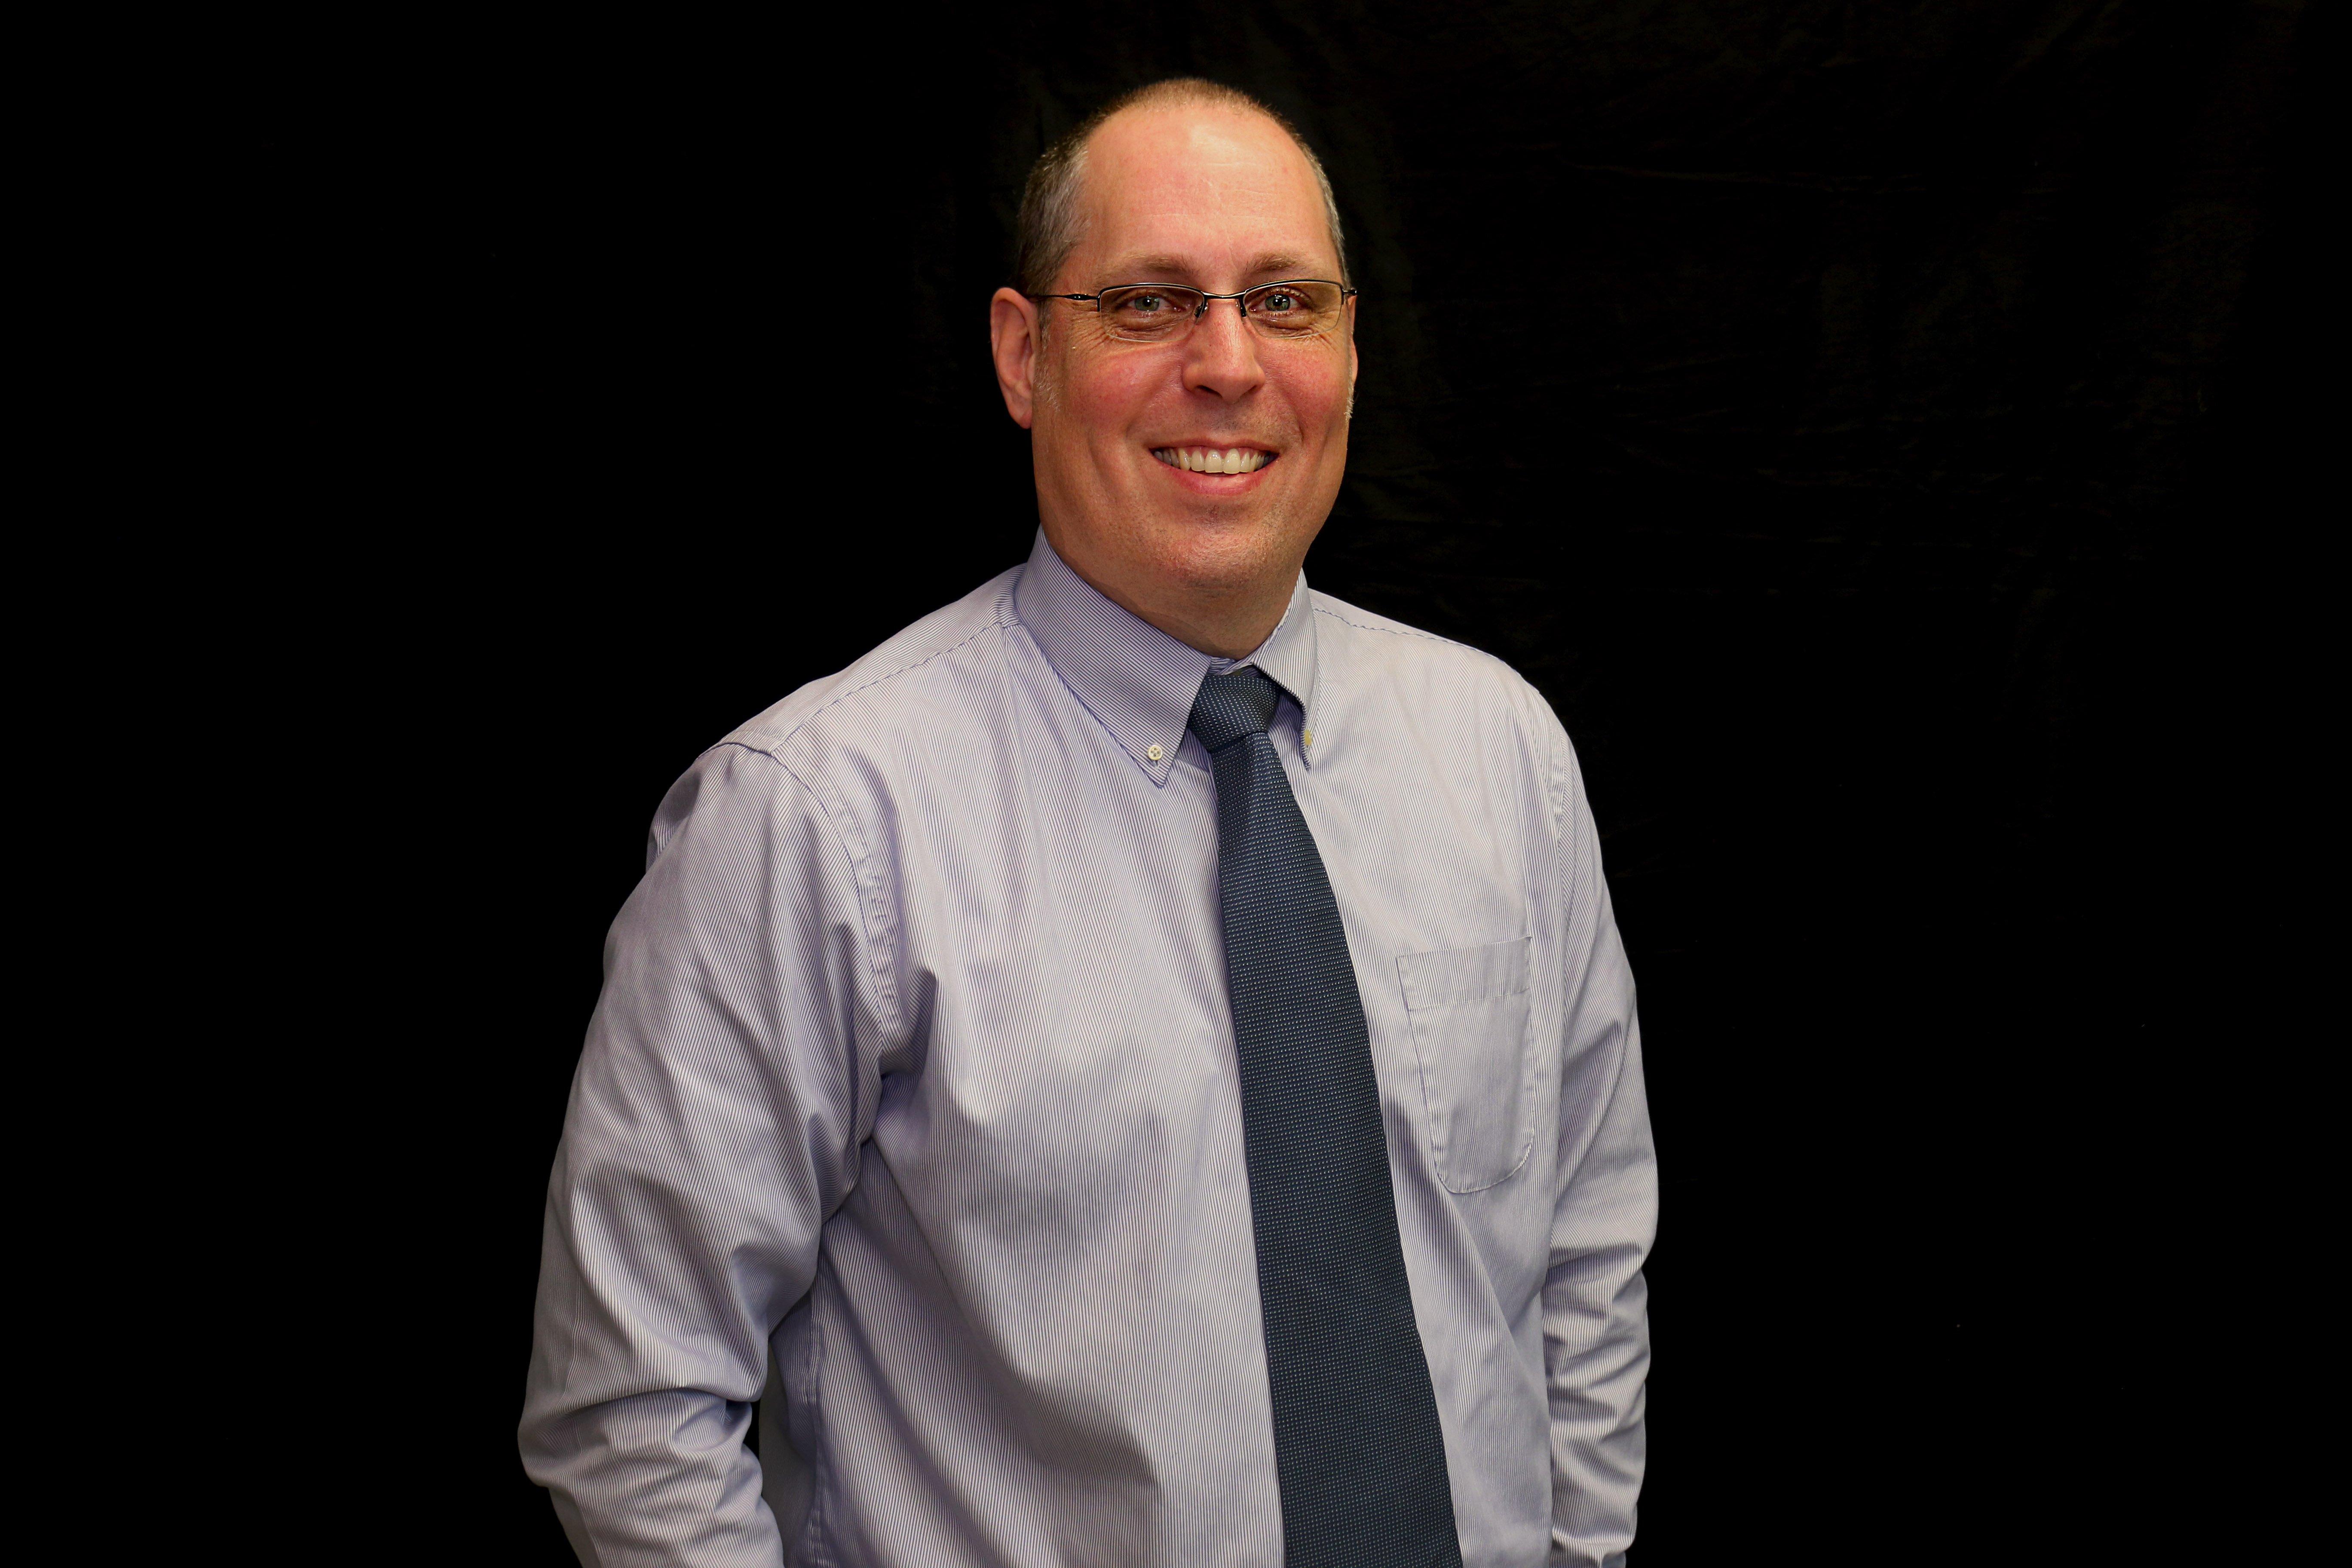 Portrait of Robert McRorie, PA-C